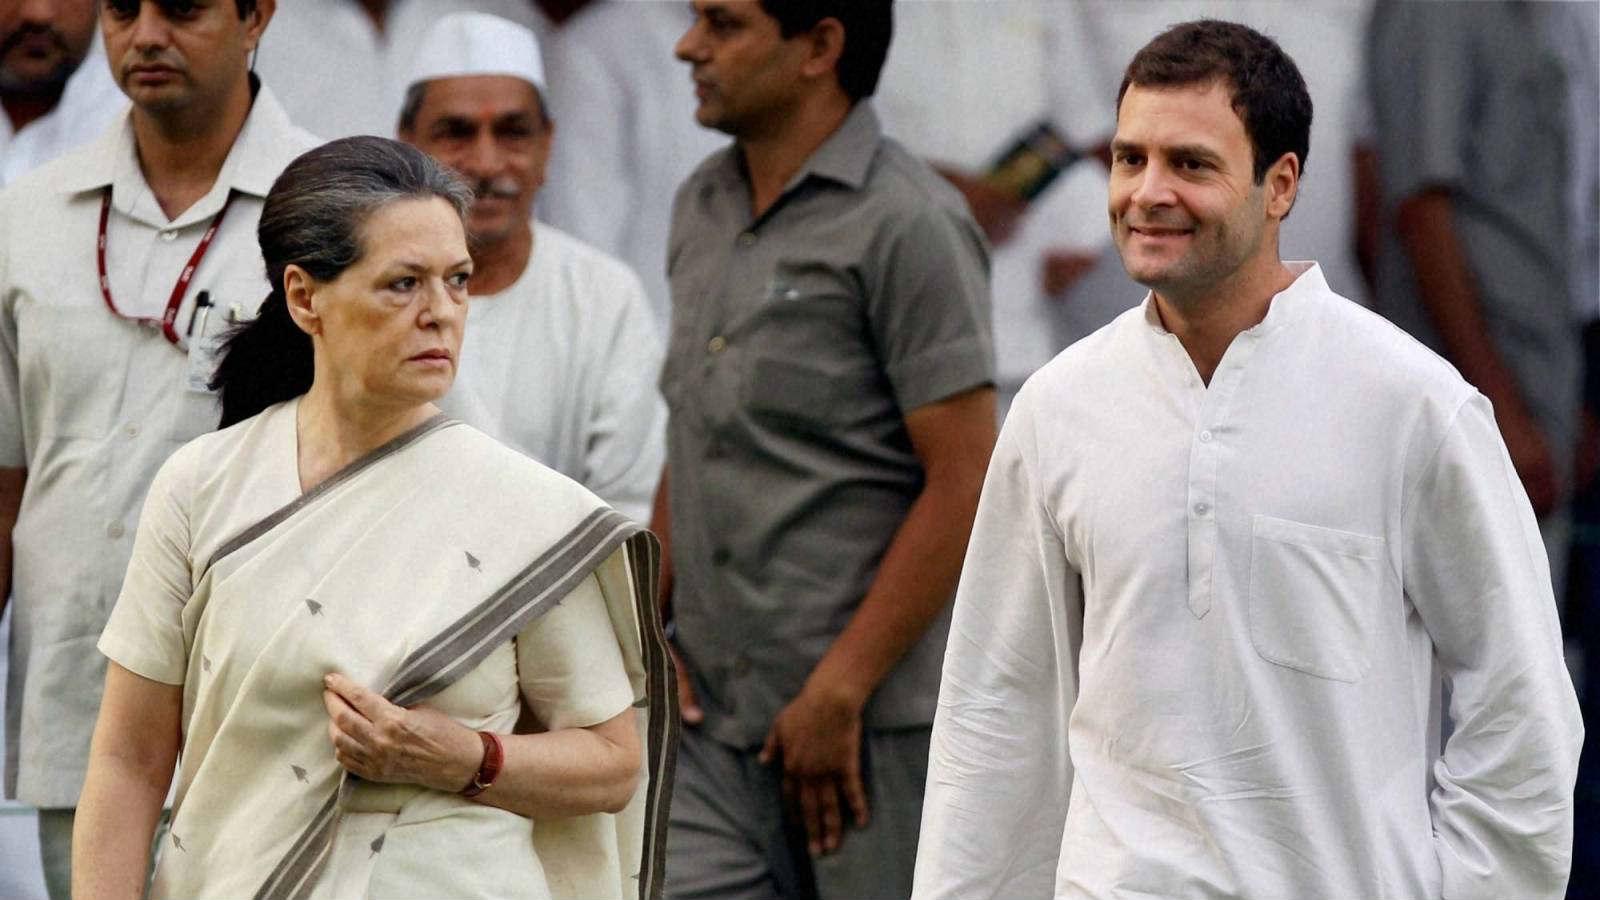 Sonia Gandhi and Rahul Gandhi instructing party members